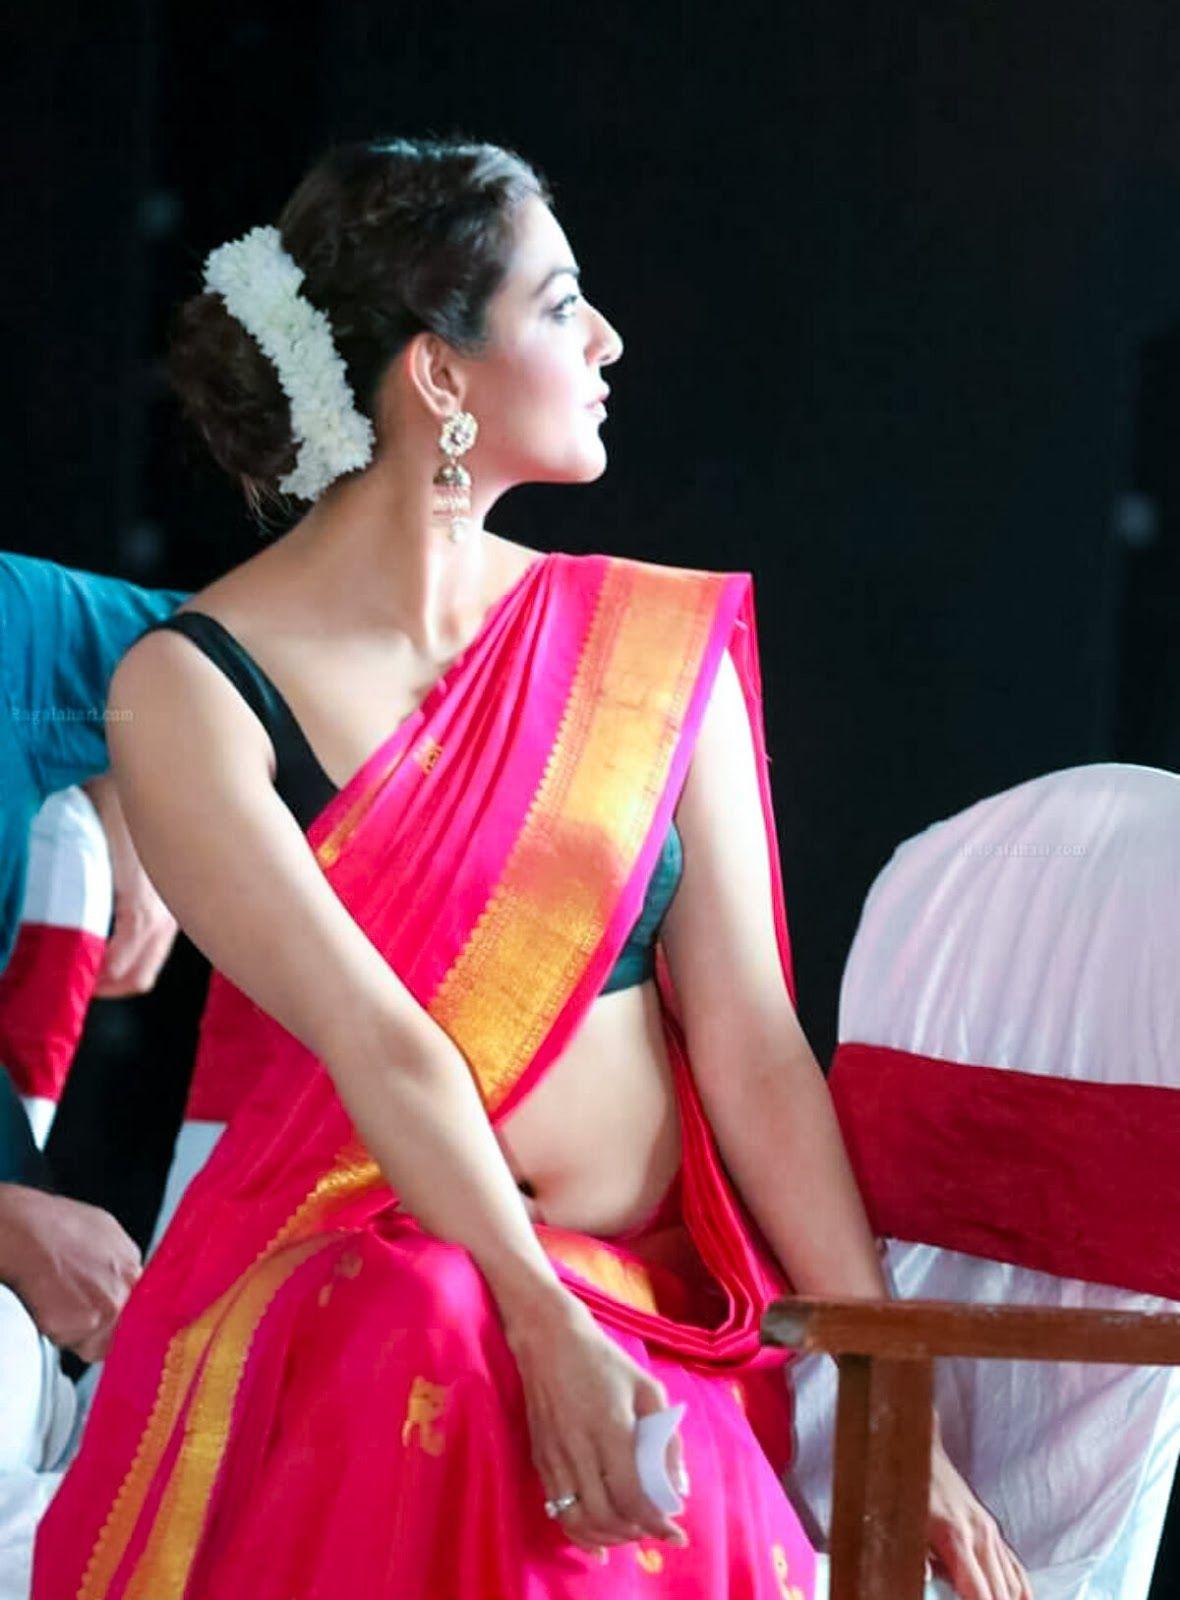 Kajalagarwalkajal Agarwal Hot In Sareekajal Agarwal Latest Photokajal Agarwal Moviekajal Agarwal Songkajal Agarwal Kajal Agarwal Photoshootkajal